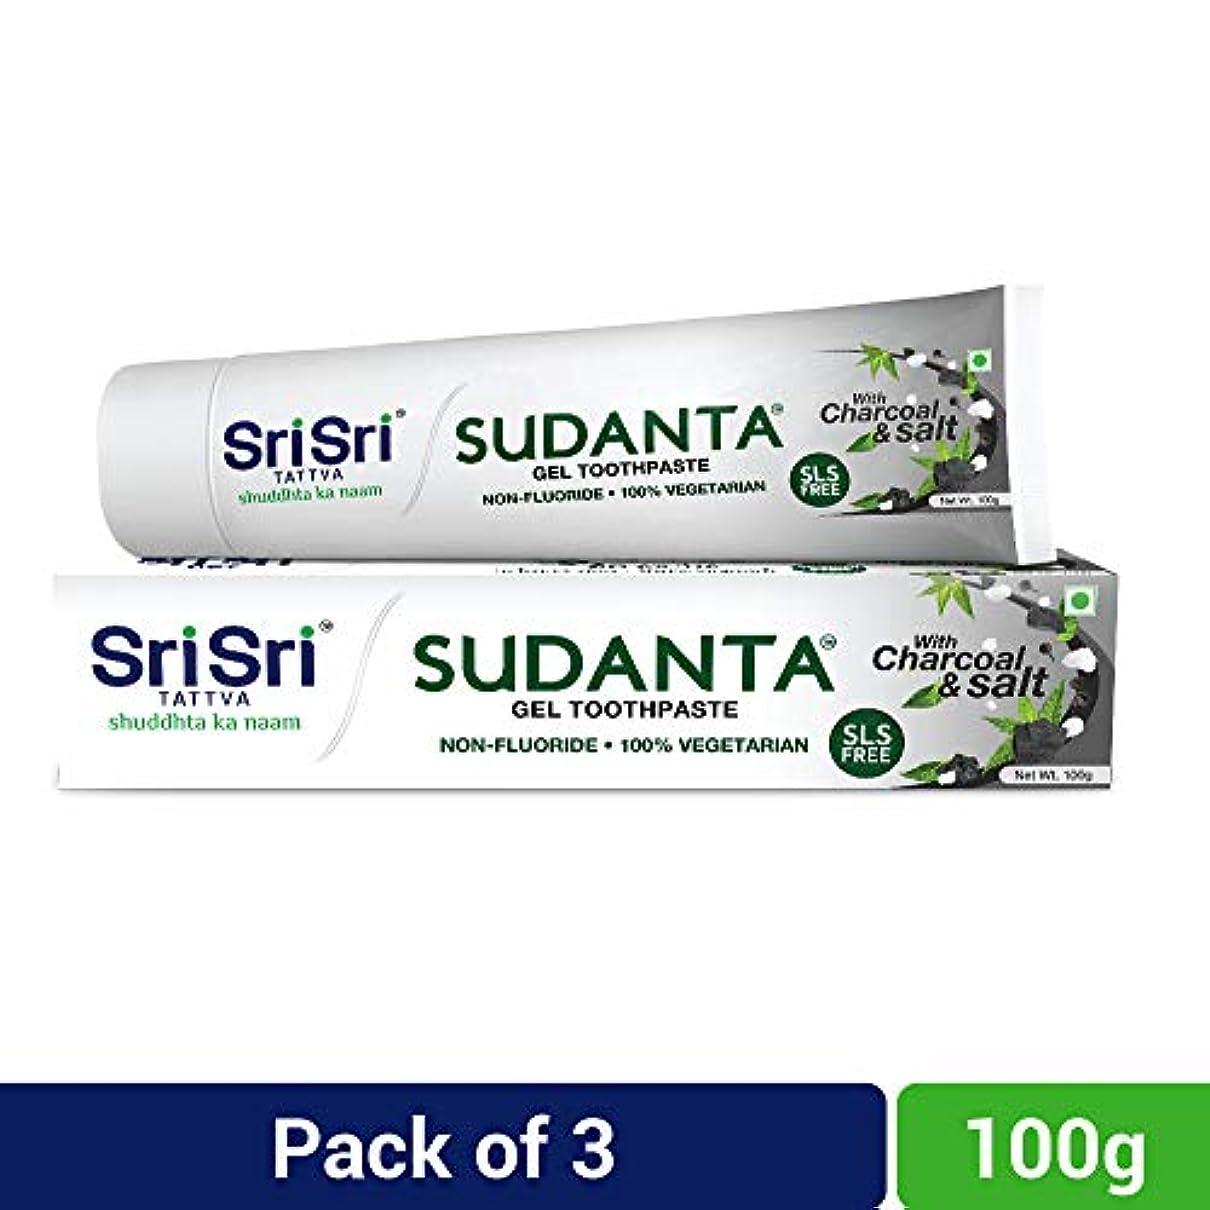 ルーム昇進制約Sri Sri Tattva Sudanta Gel Toothpaste, 300gm (100gm x Pack of 3)